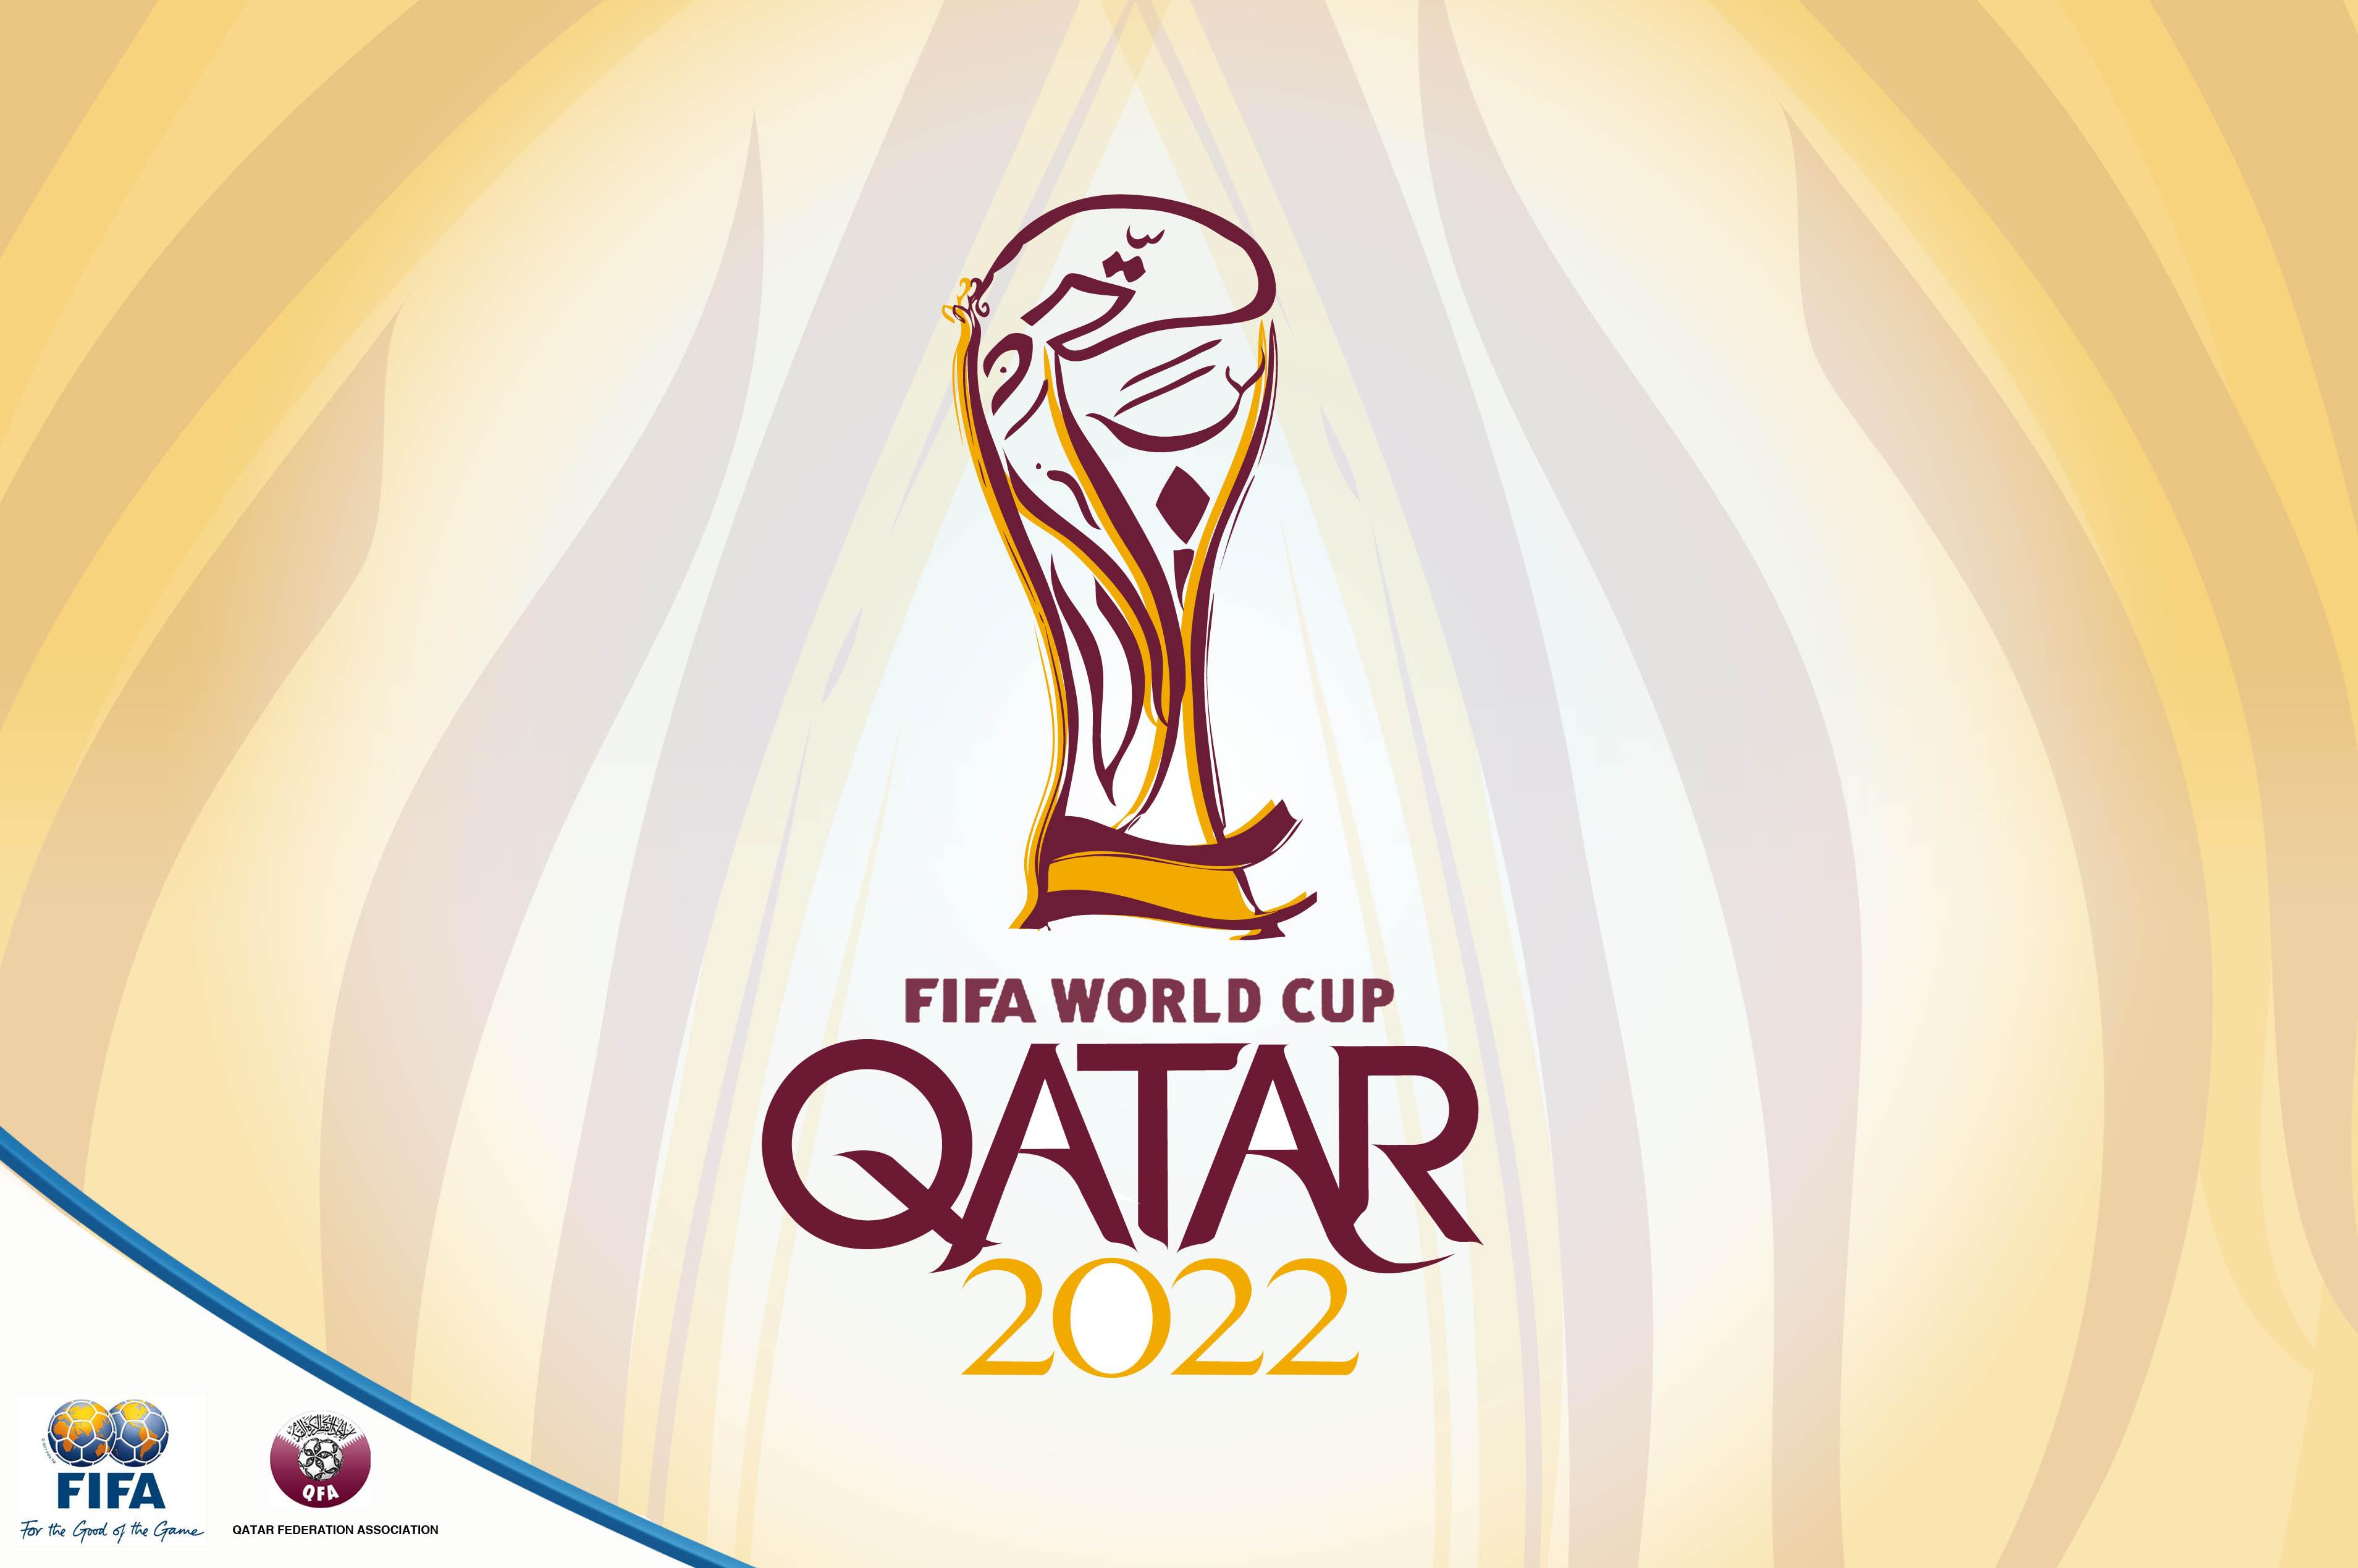 La coupe du monde 2022 au qatar se jouera en hiver - Qatar football coupe du monde ...